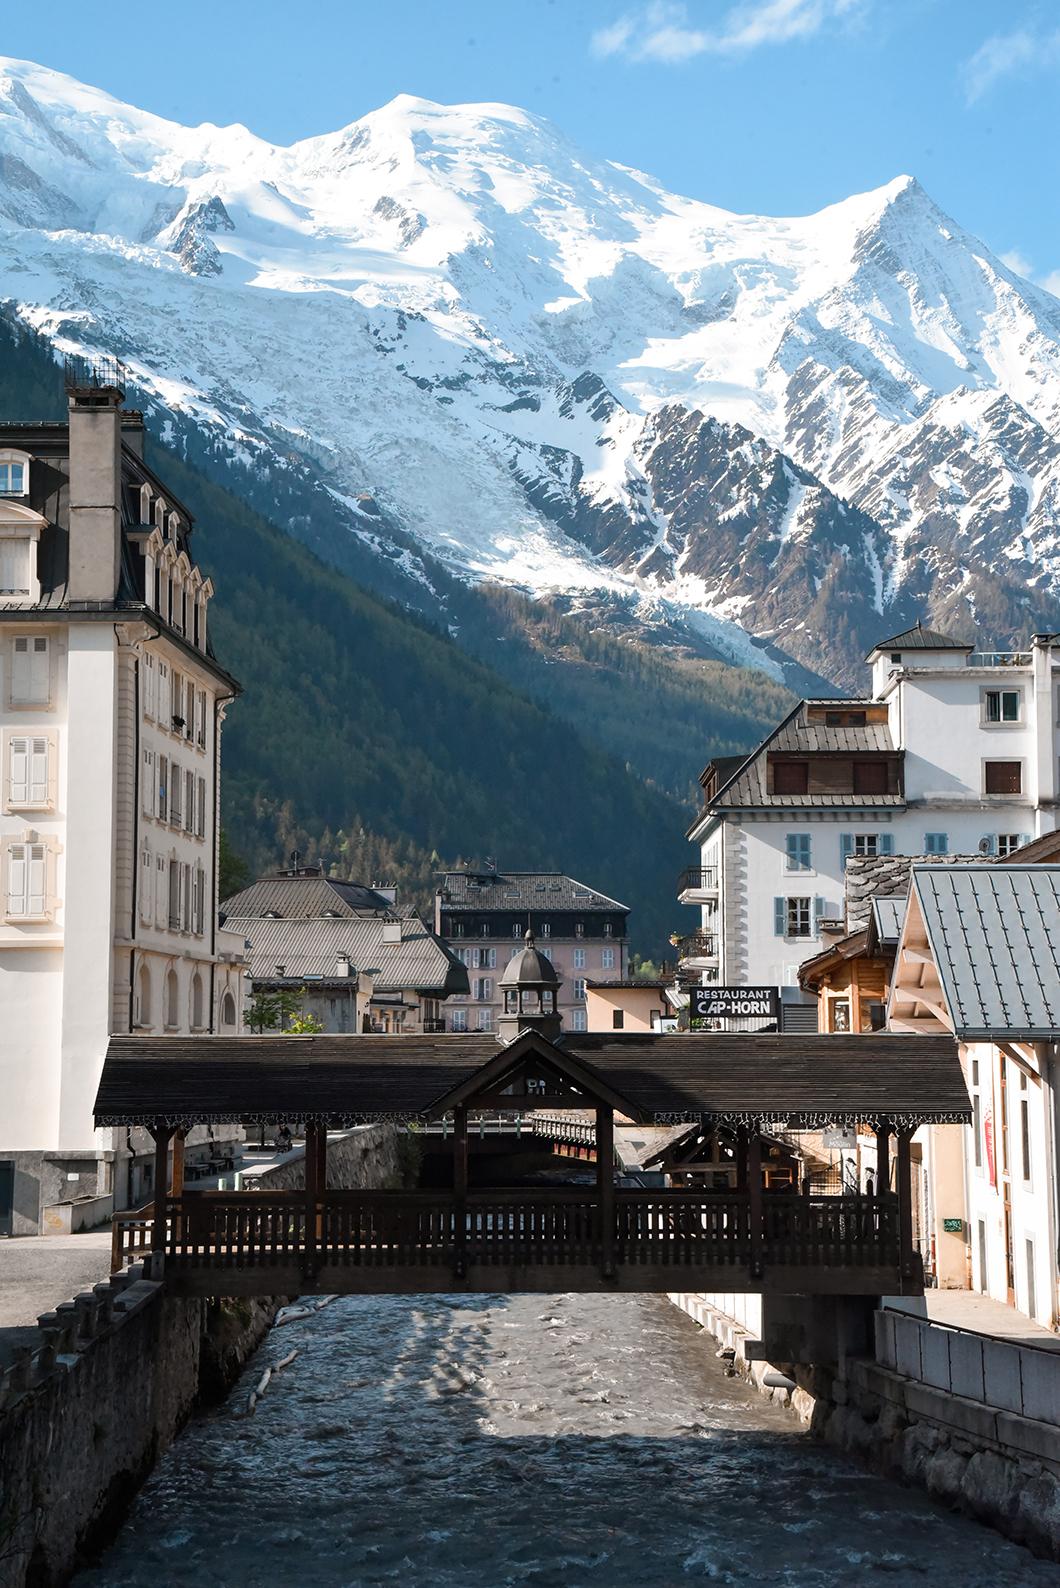 1 semaine à Chamonix : activités, visites et restaurants incontournables